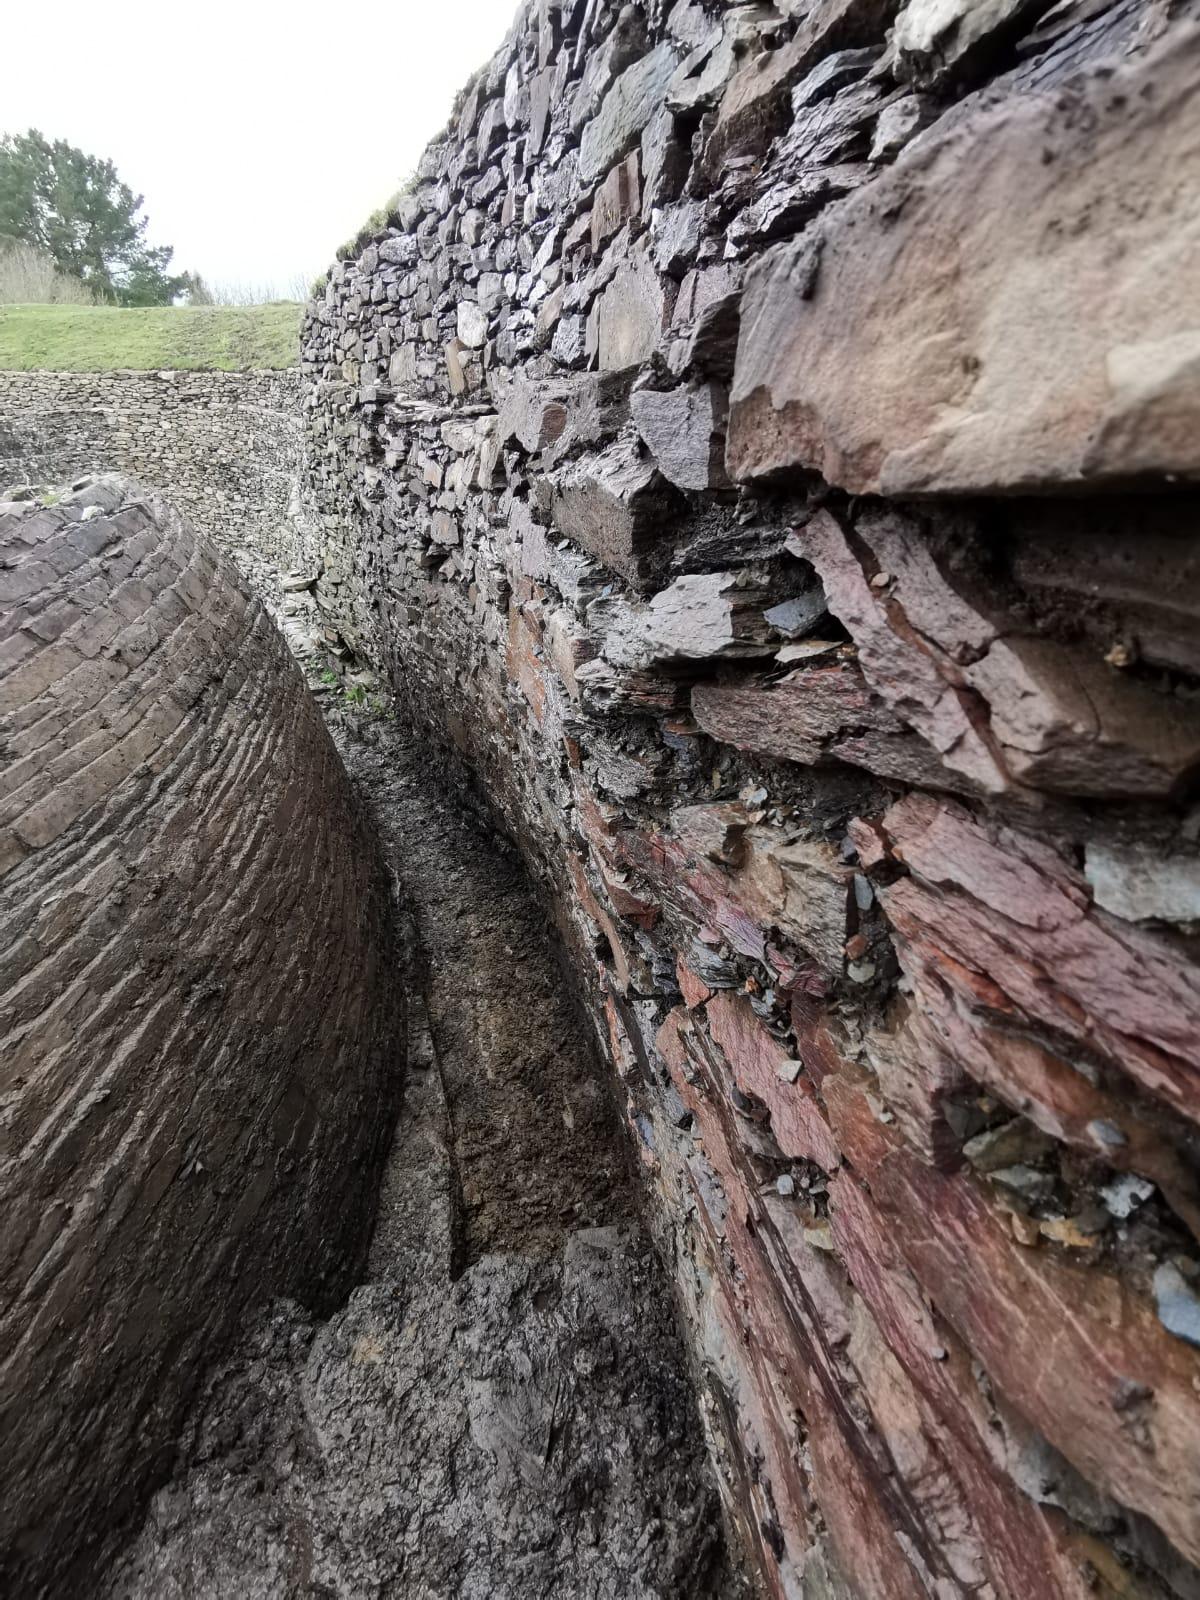 A campaña arqueolóxica deste ano desvela novas estruturas